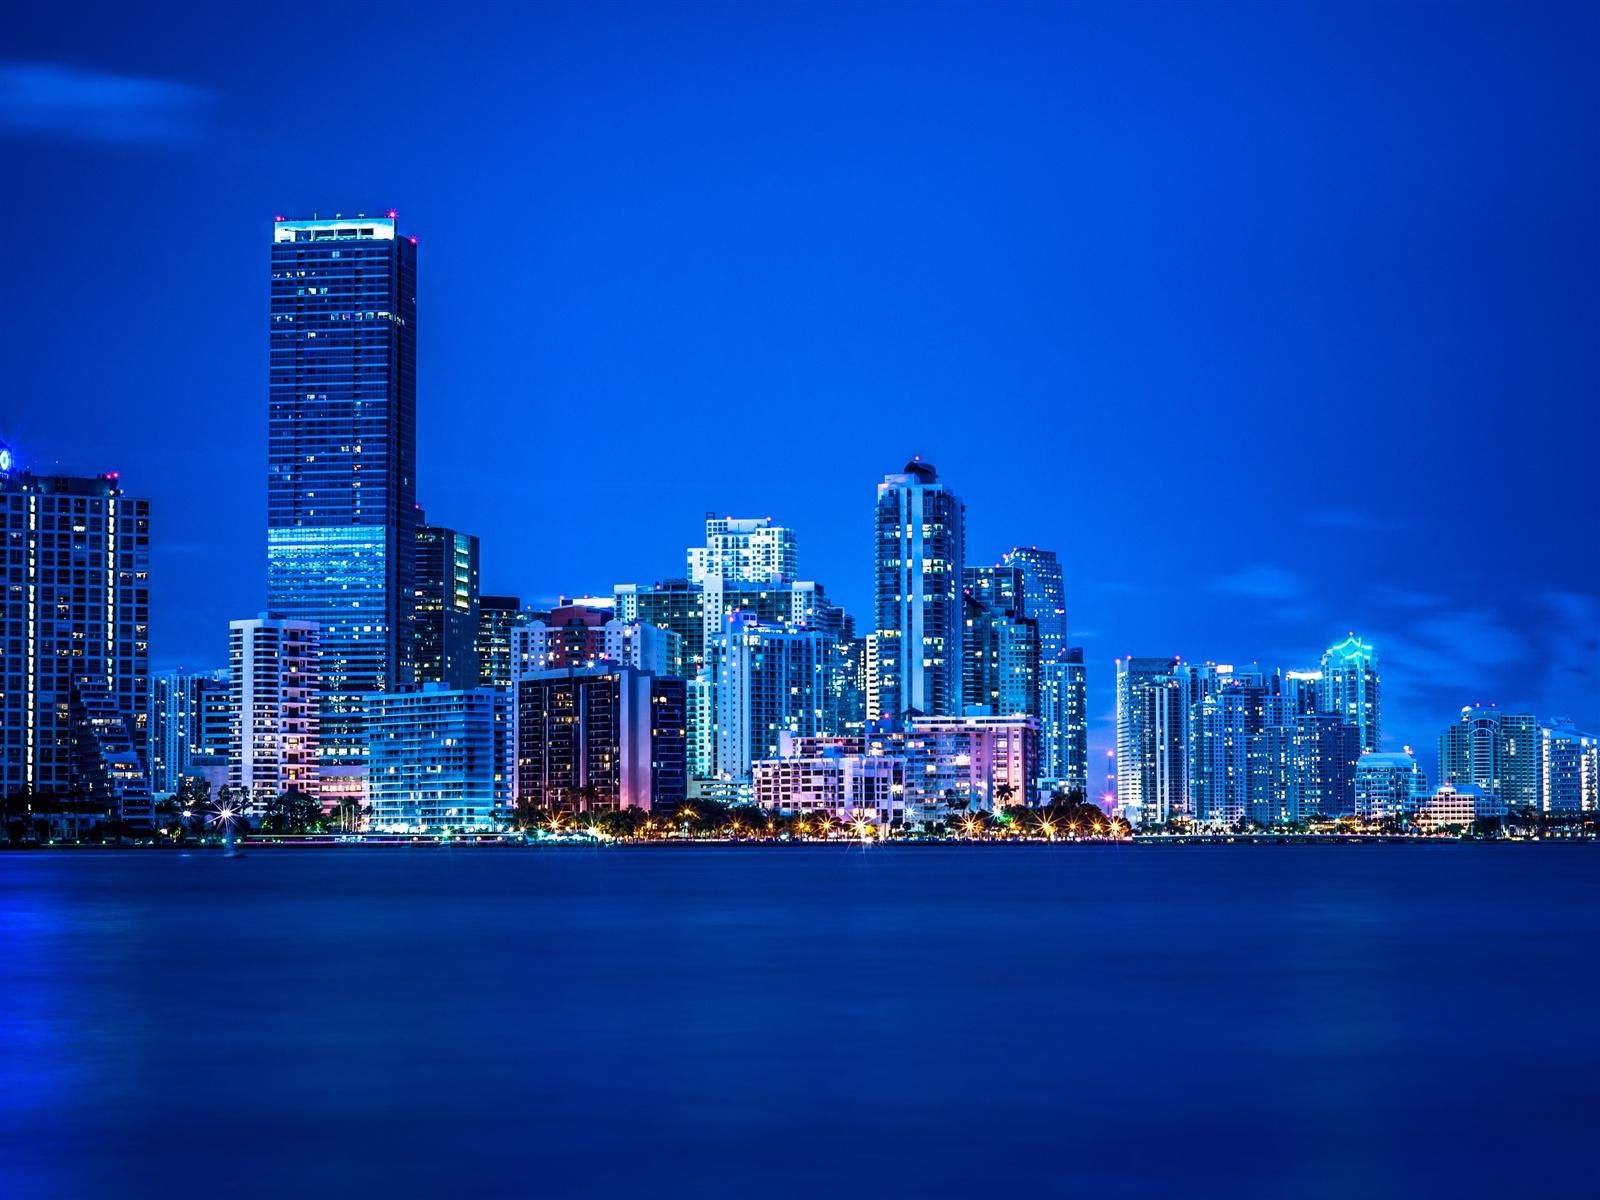 迈阿密,佛罗里达州,夜晚,灯光,城市,建筑,蓝色 壁纸 - 1600x1200图片